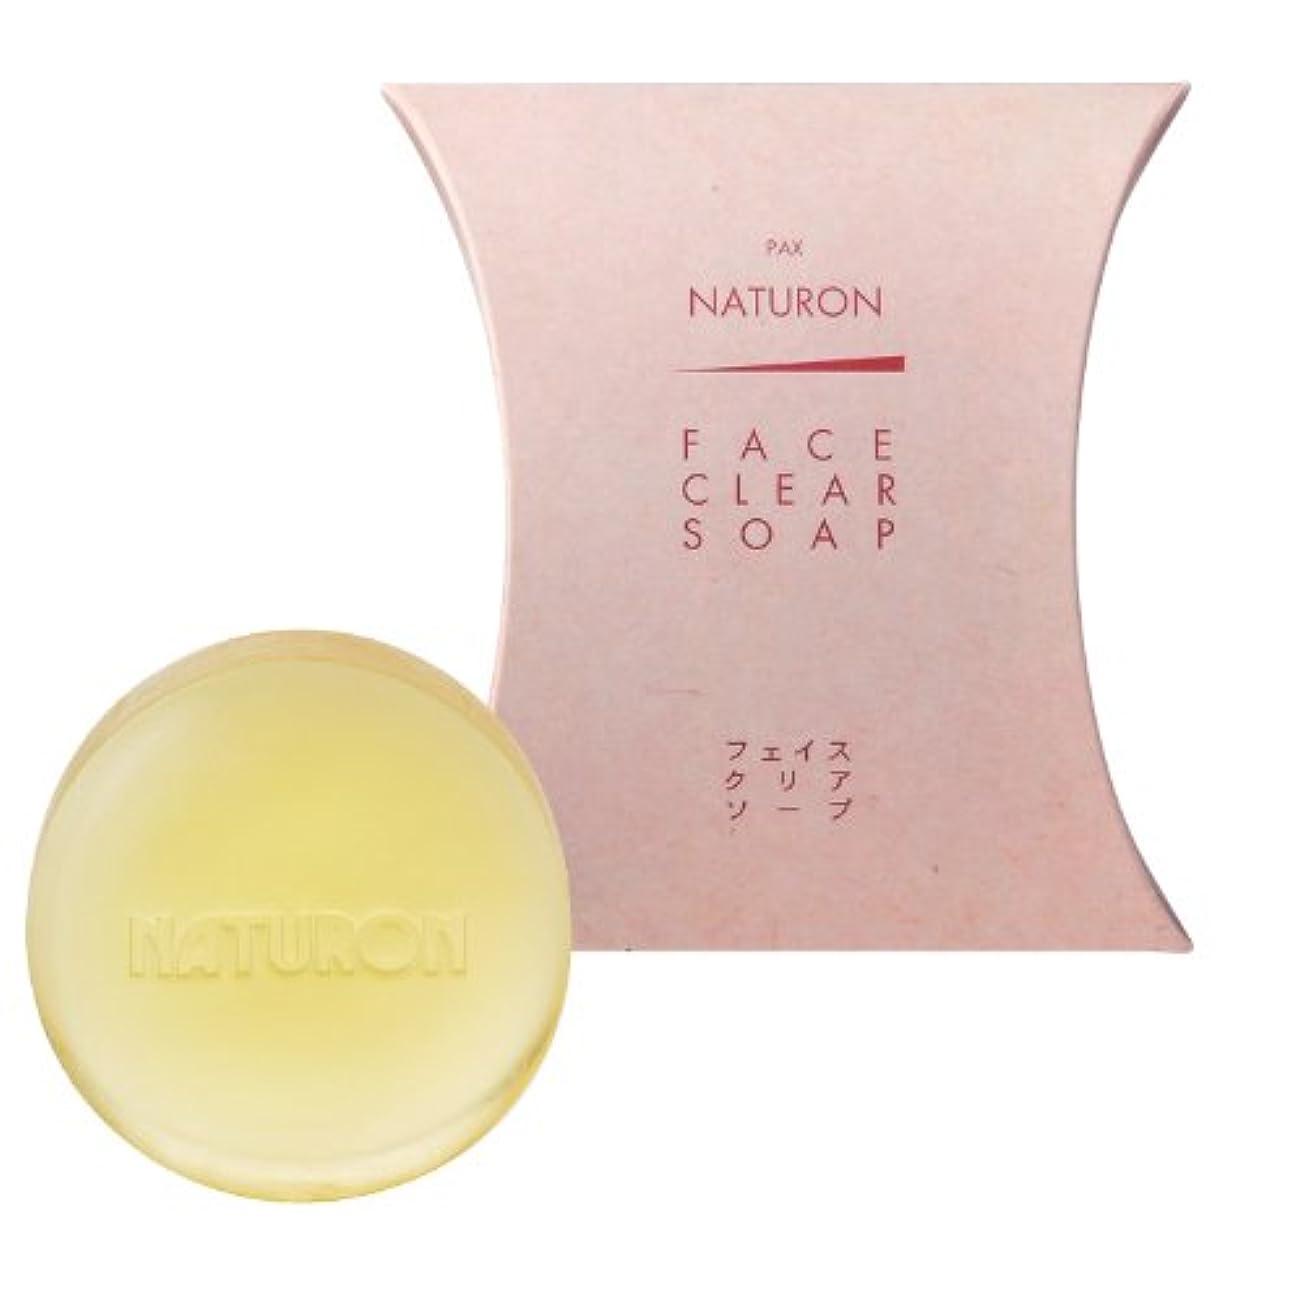 ロマンチック水素日常的にパックスナチュロンフェイスクリアソープ (洗顔用固形石鹸) 95g